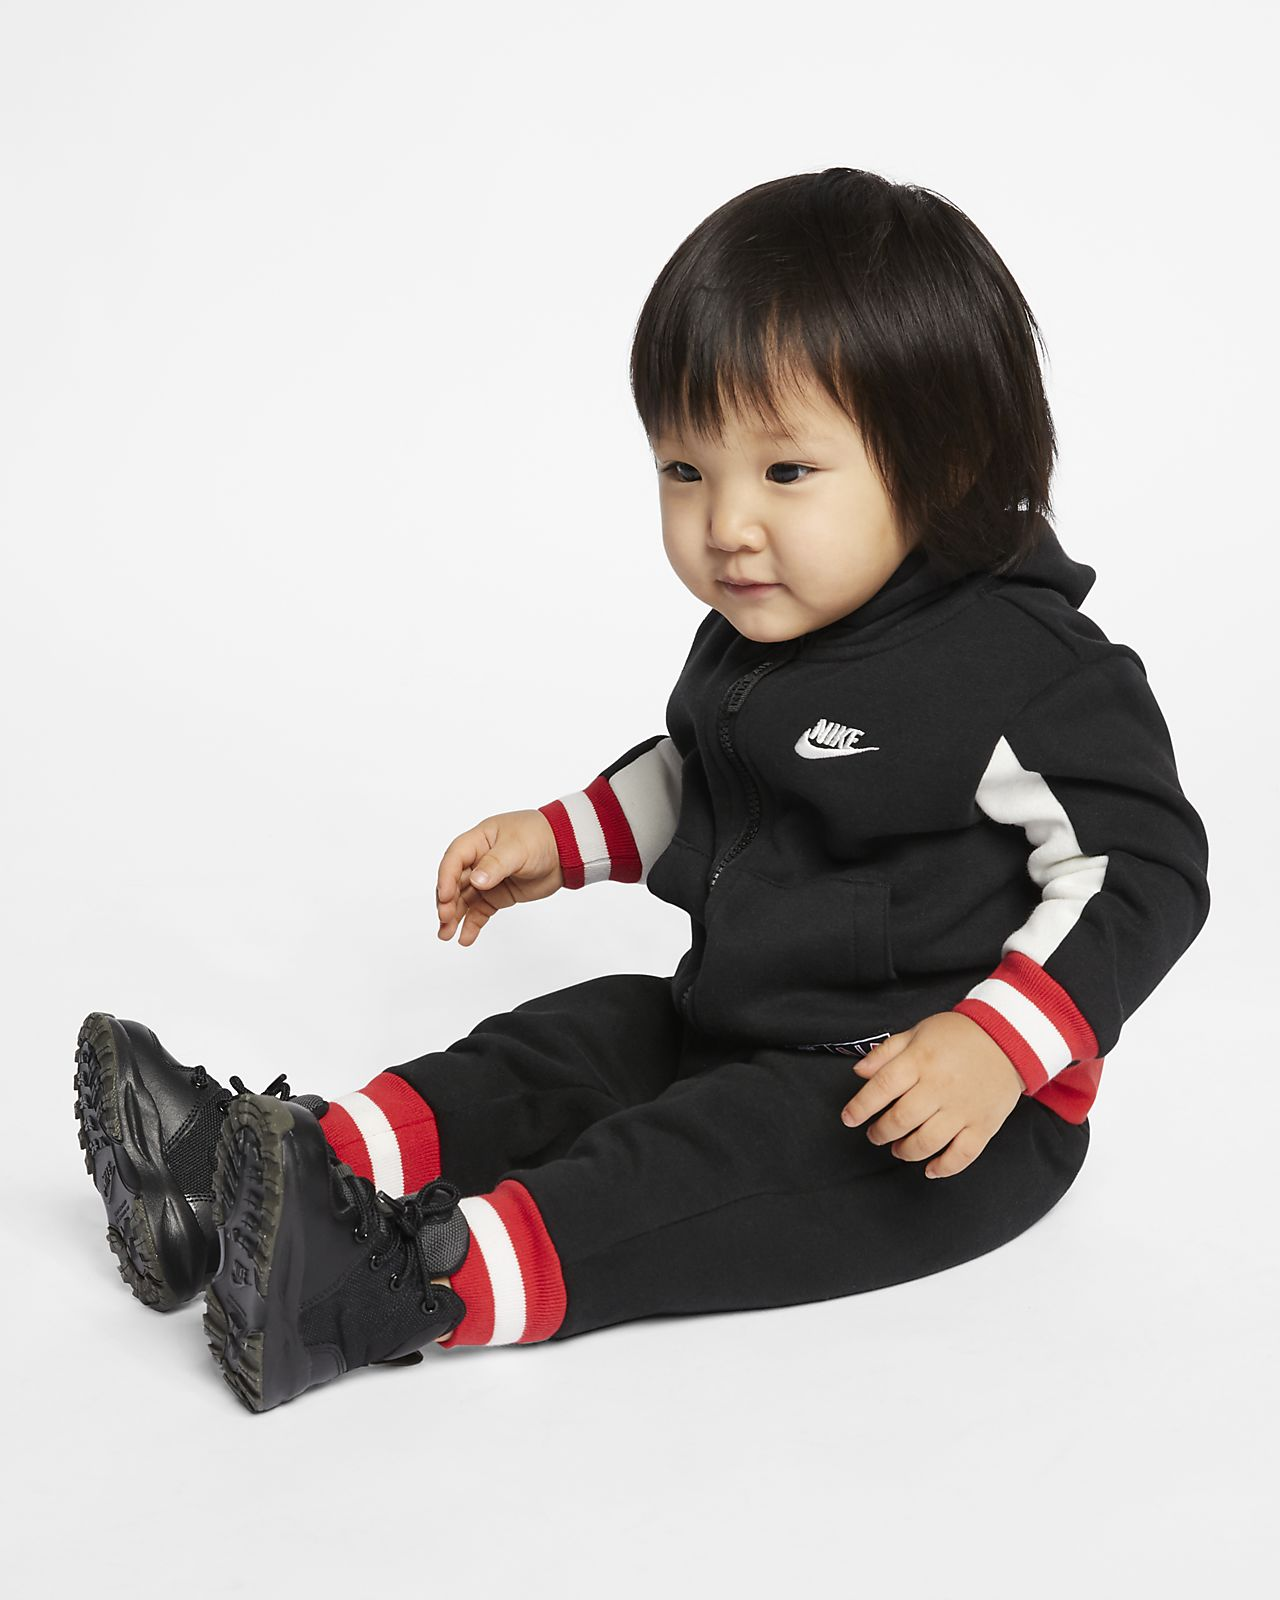 Dvoudílná souprava Nike Air pro kojence (12–24 měsíců)